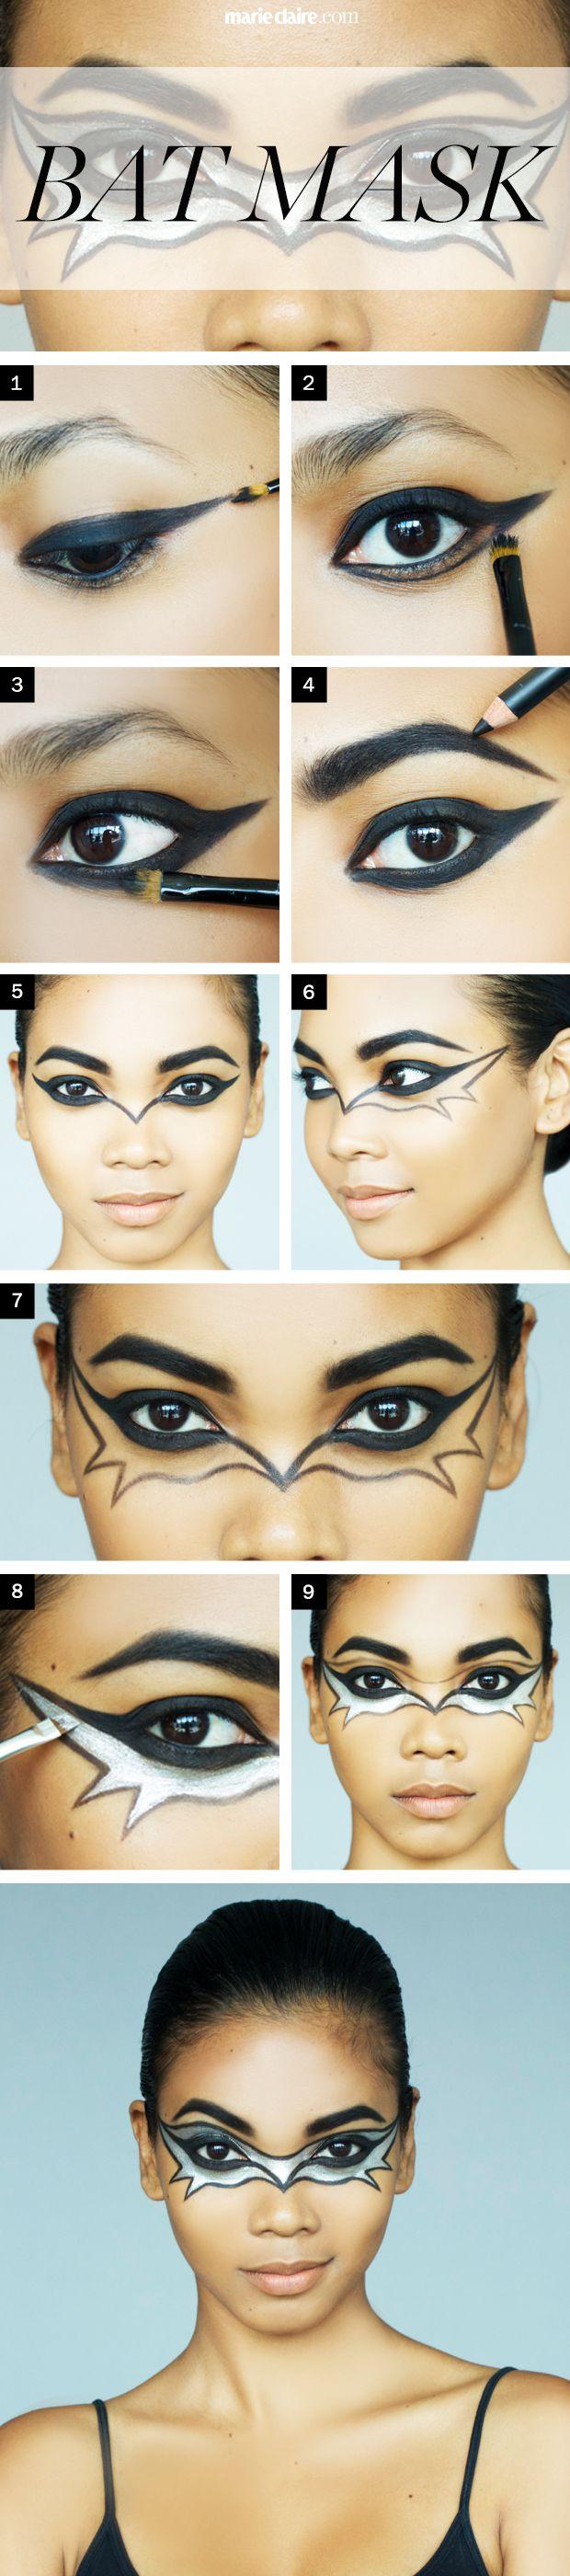 Bat Eye Makeup Halloween Makeup How To The Bat Mask